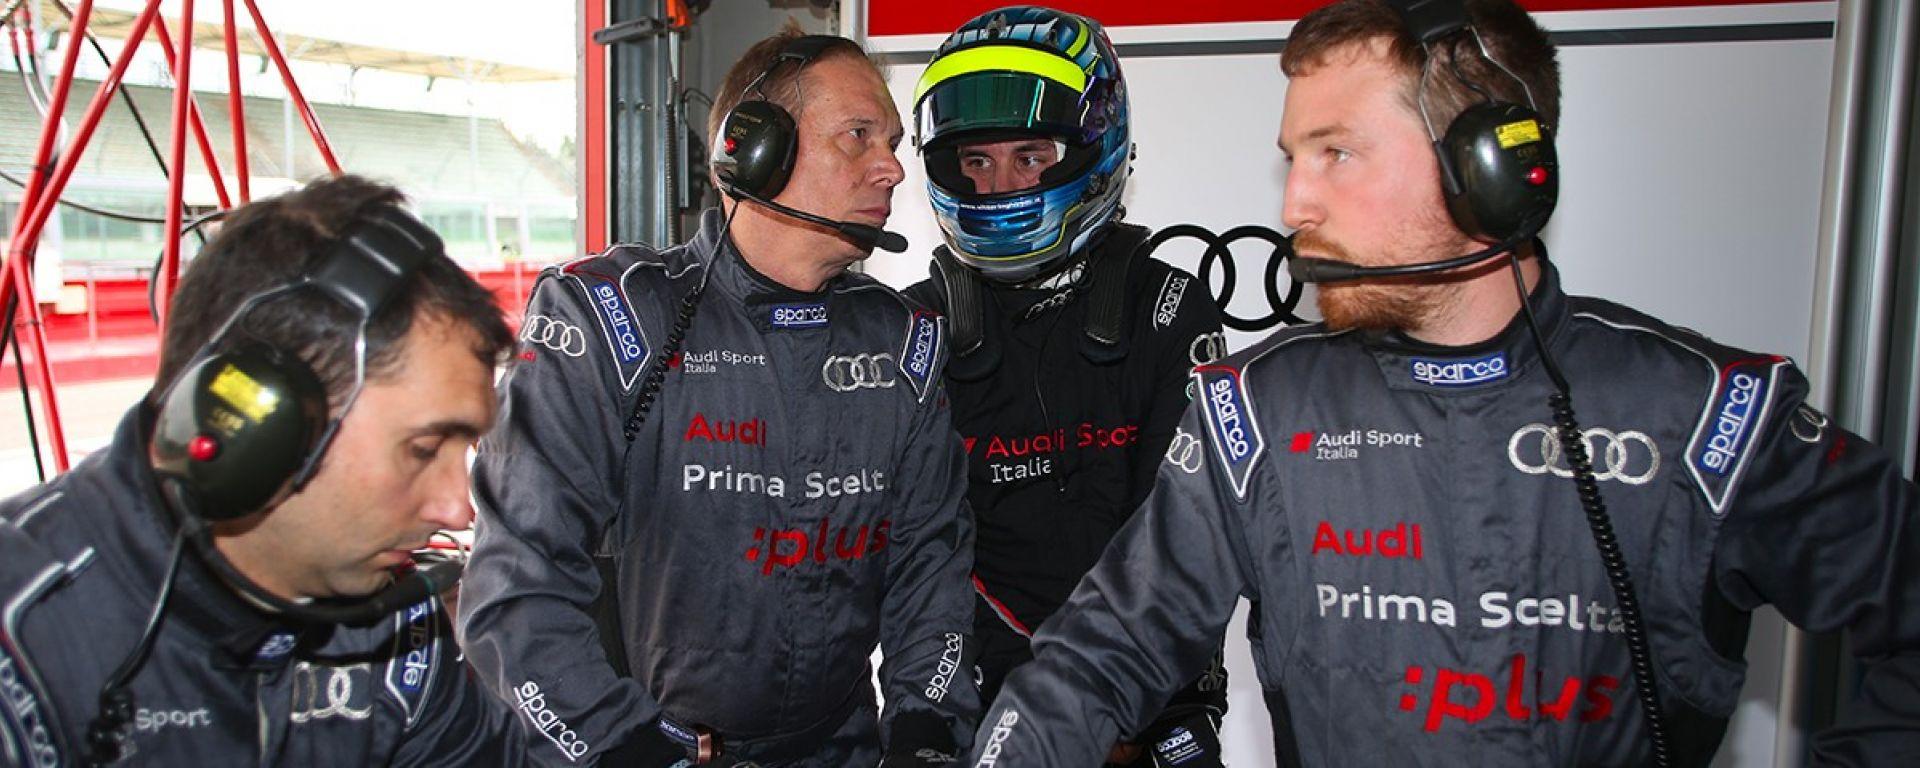 Vittorio Ghirelli insieme ai meccanici di Audi Sport Italia - Campionato GT Italiano 2017